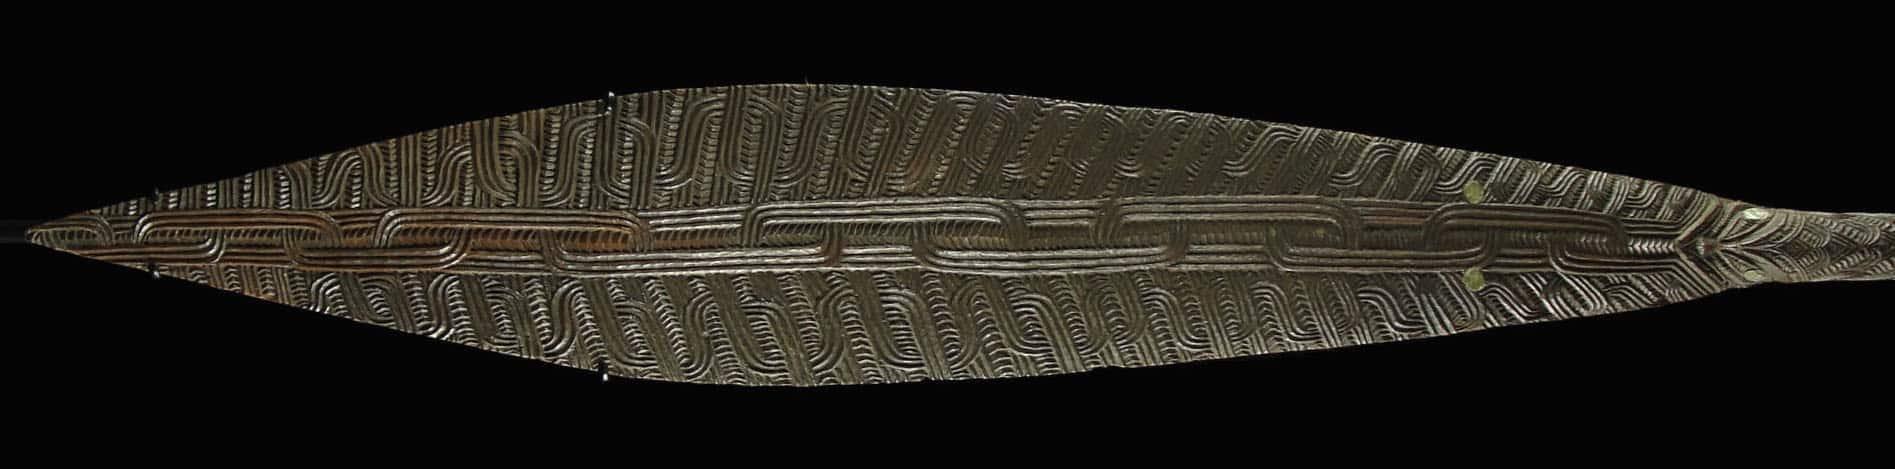 Maori paddle blade